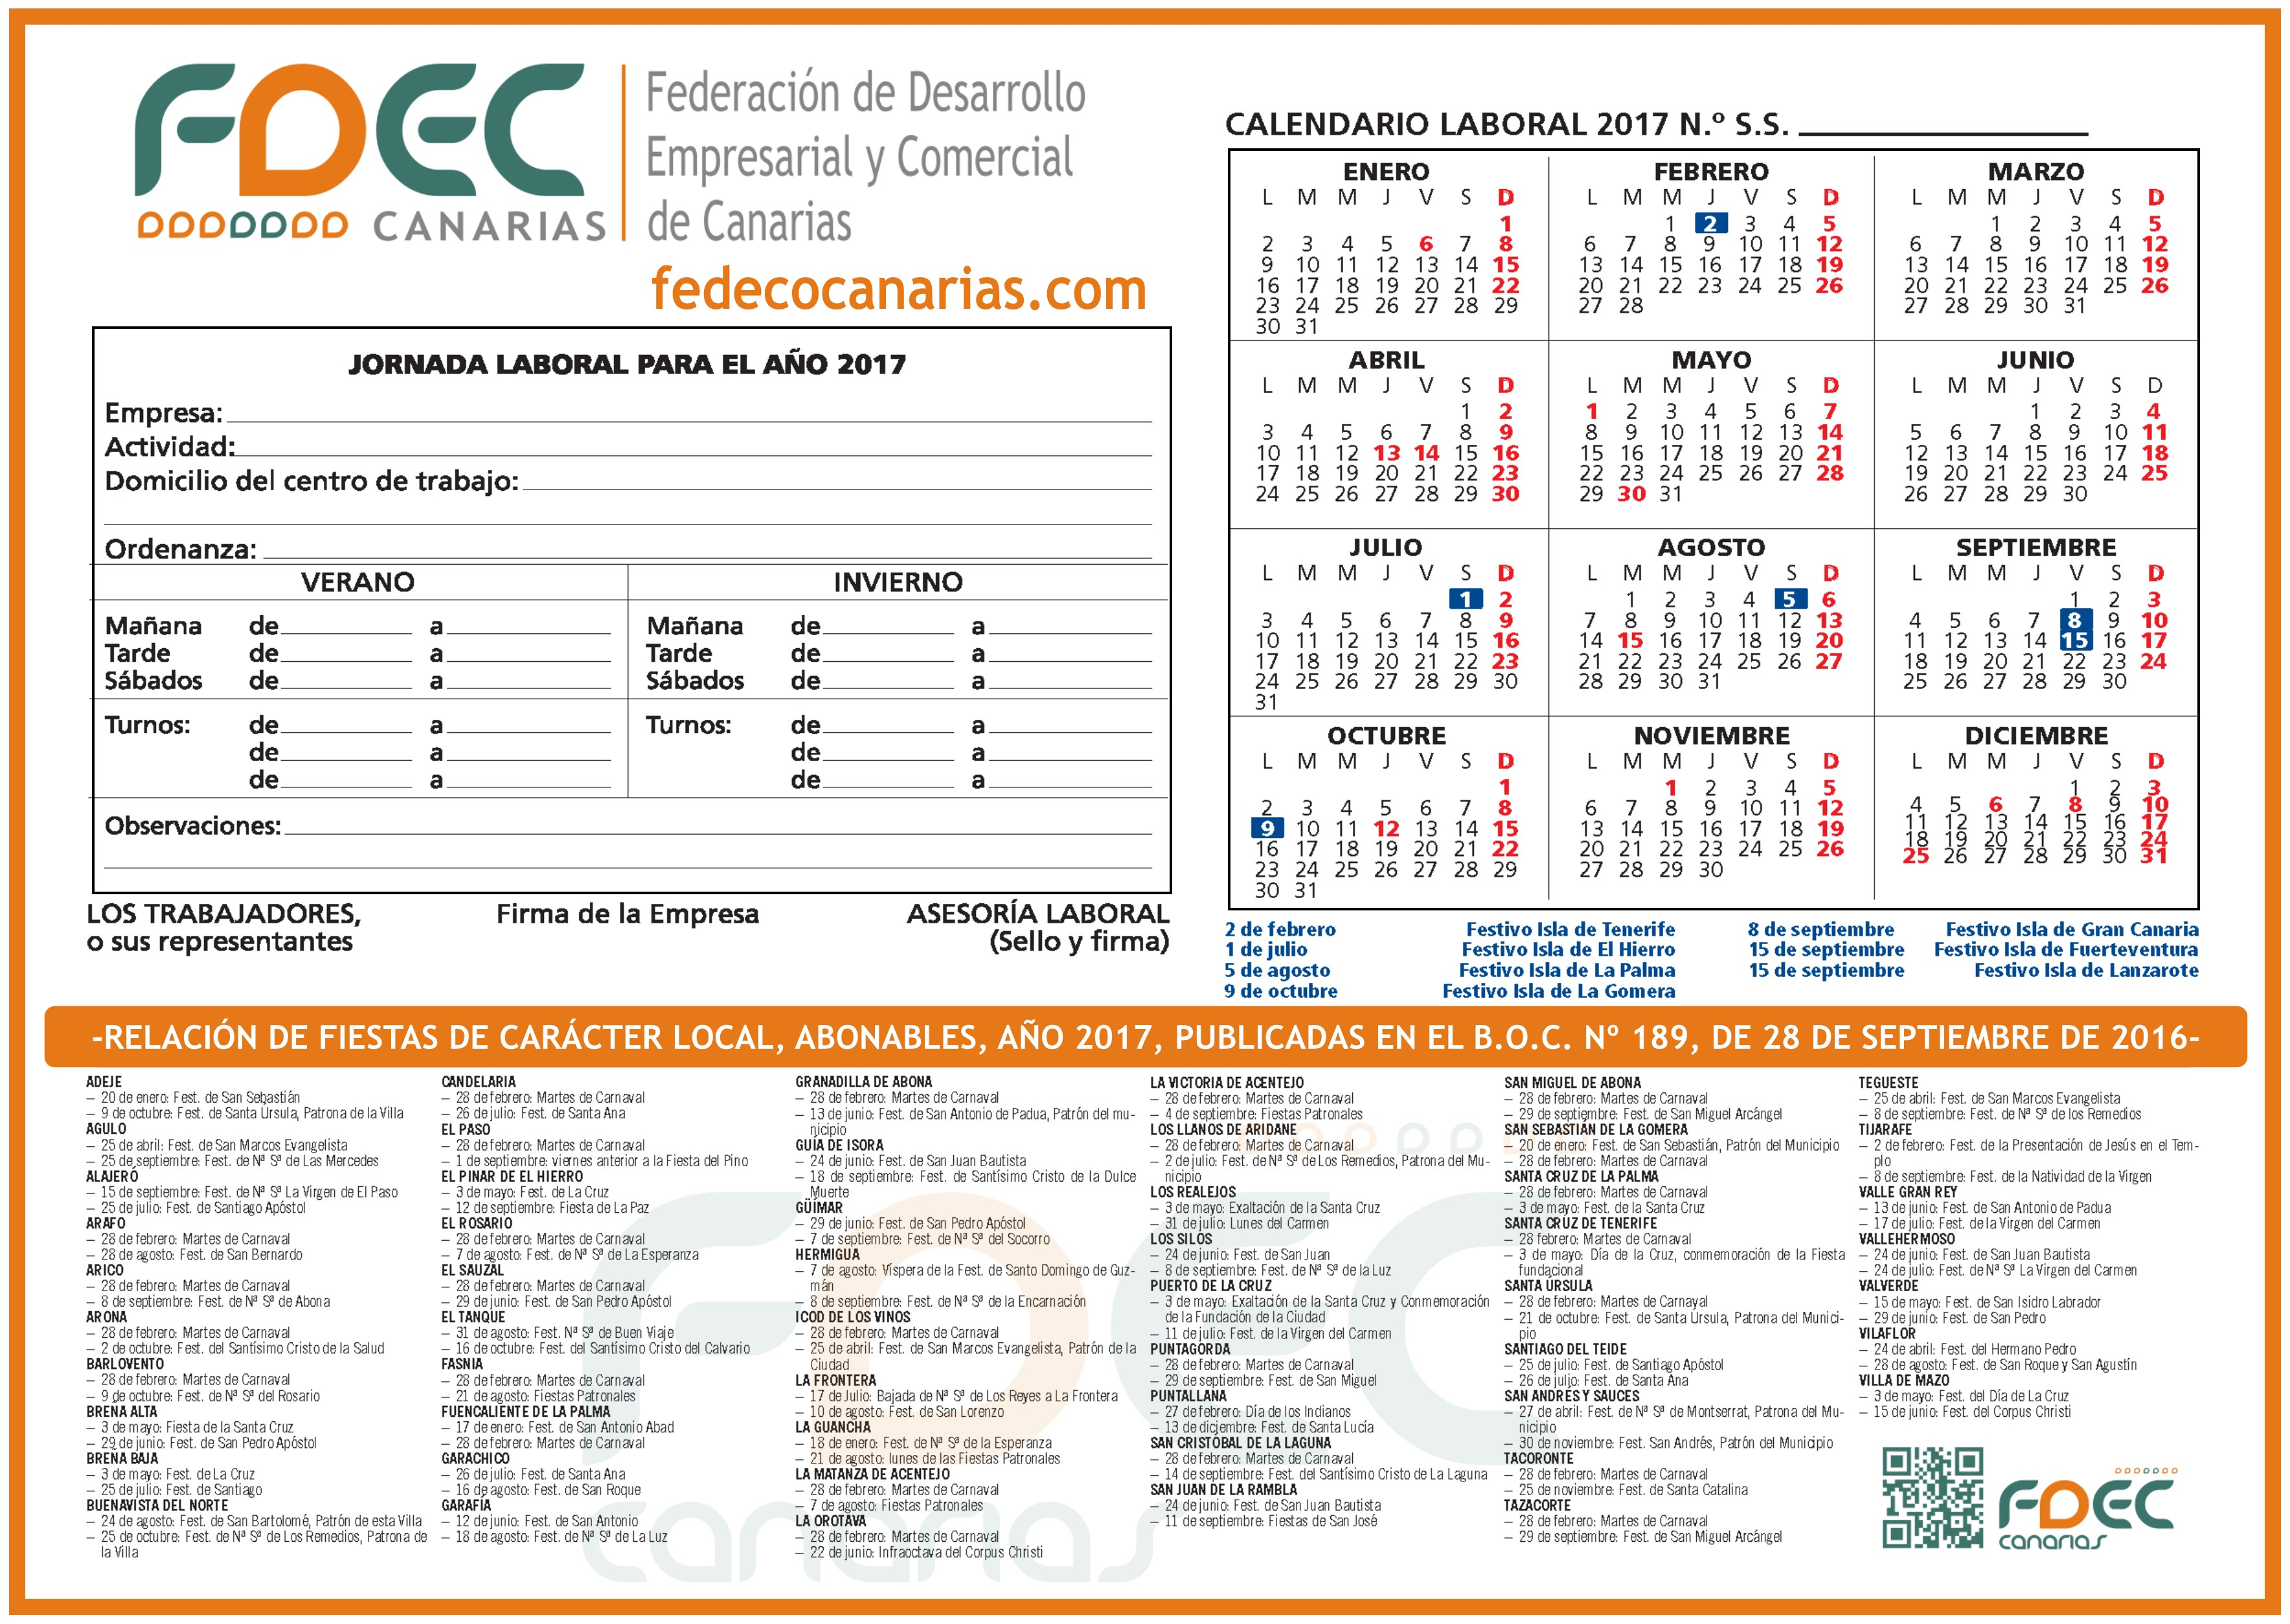 calendario-laboral-fdec-tenerife-2017